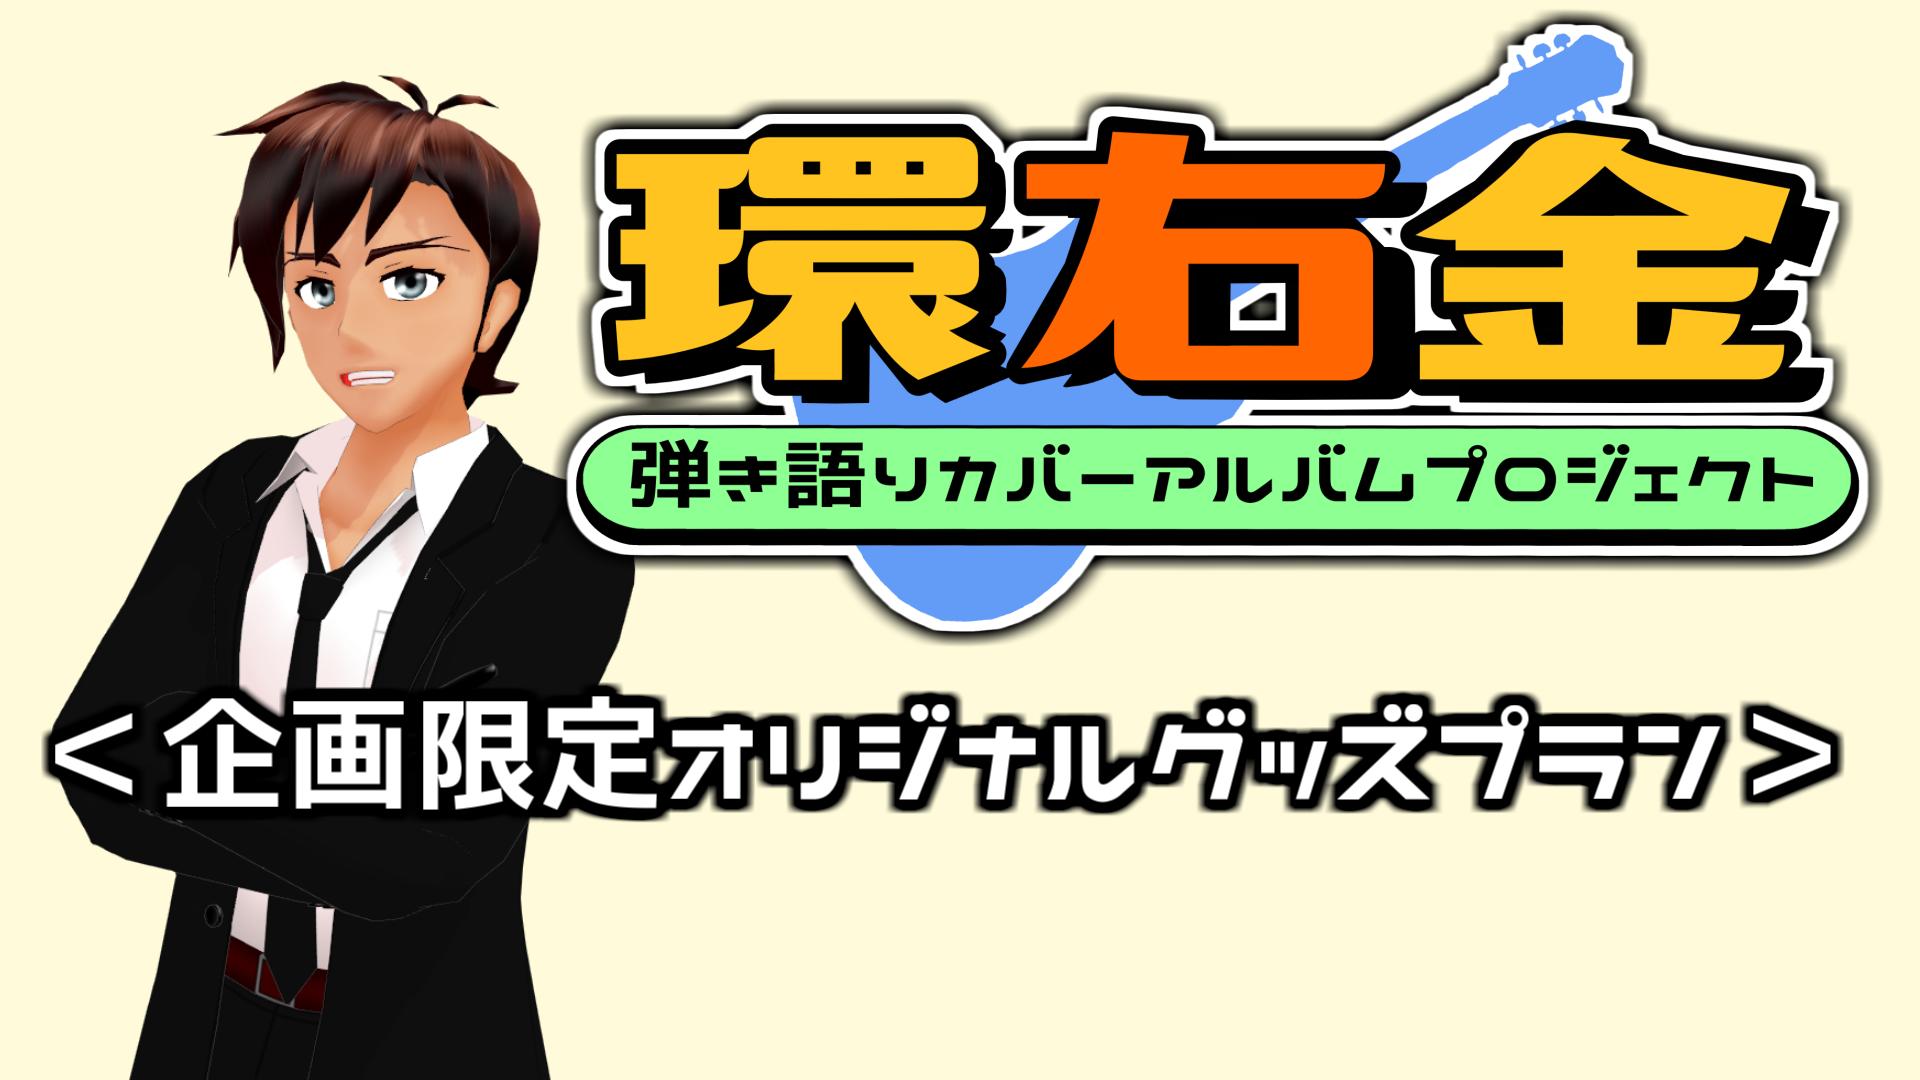 <企画限定オリジナルグッズプラン>